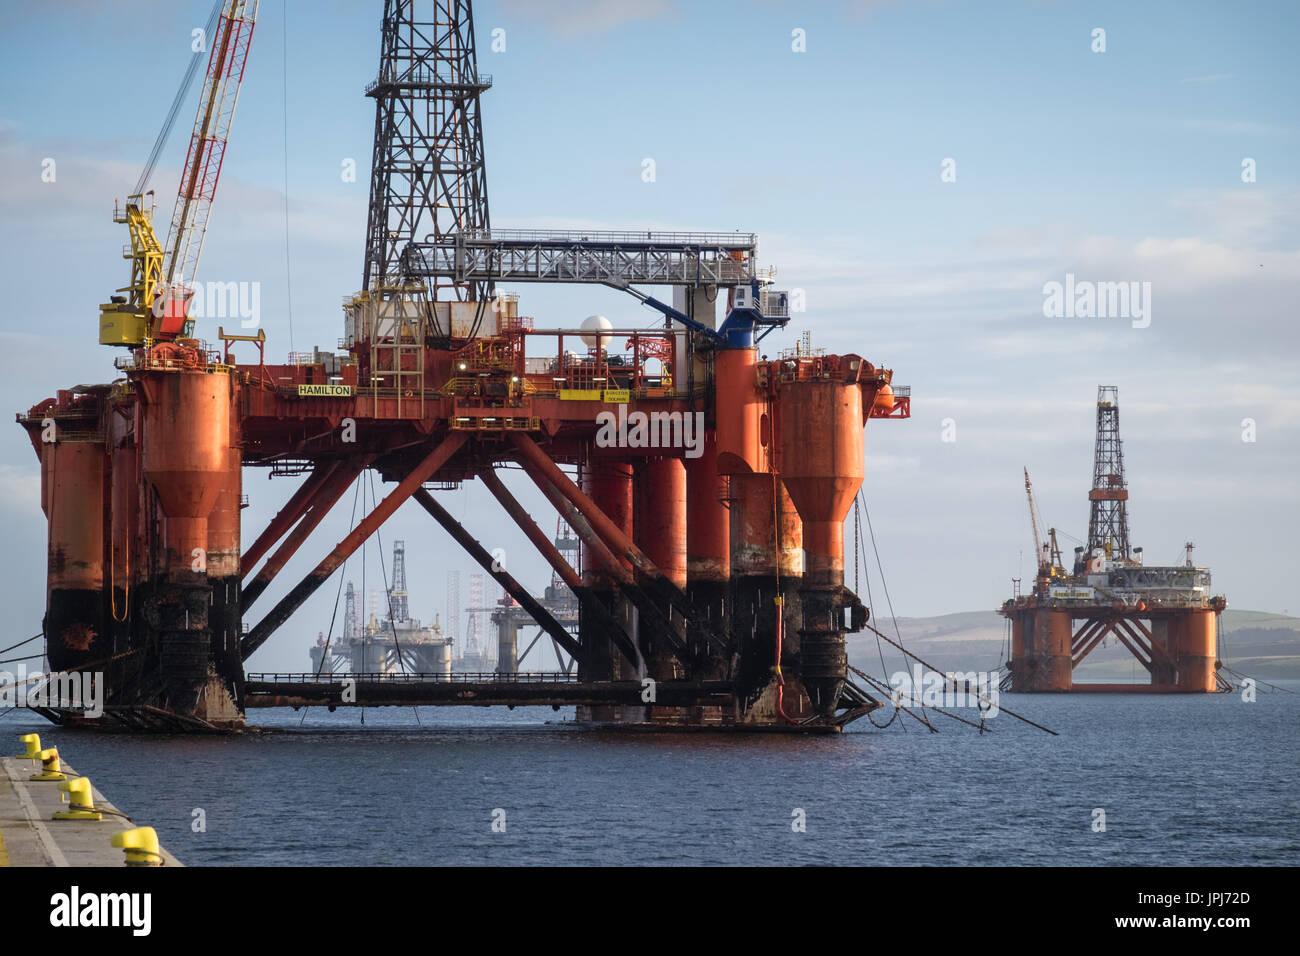 La piattaforma di trivellazione, Borgsten Dolphin, ormeggiata in porto scozzese di Invergordon Immagini Stock